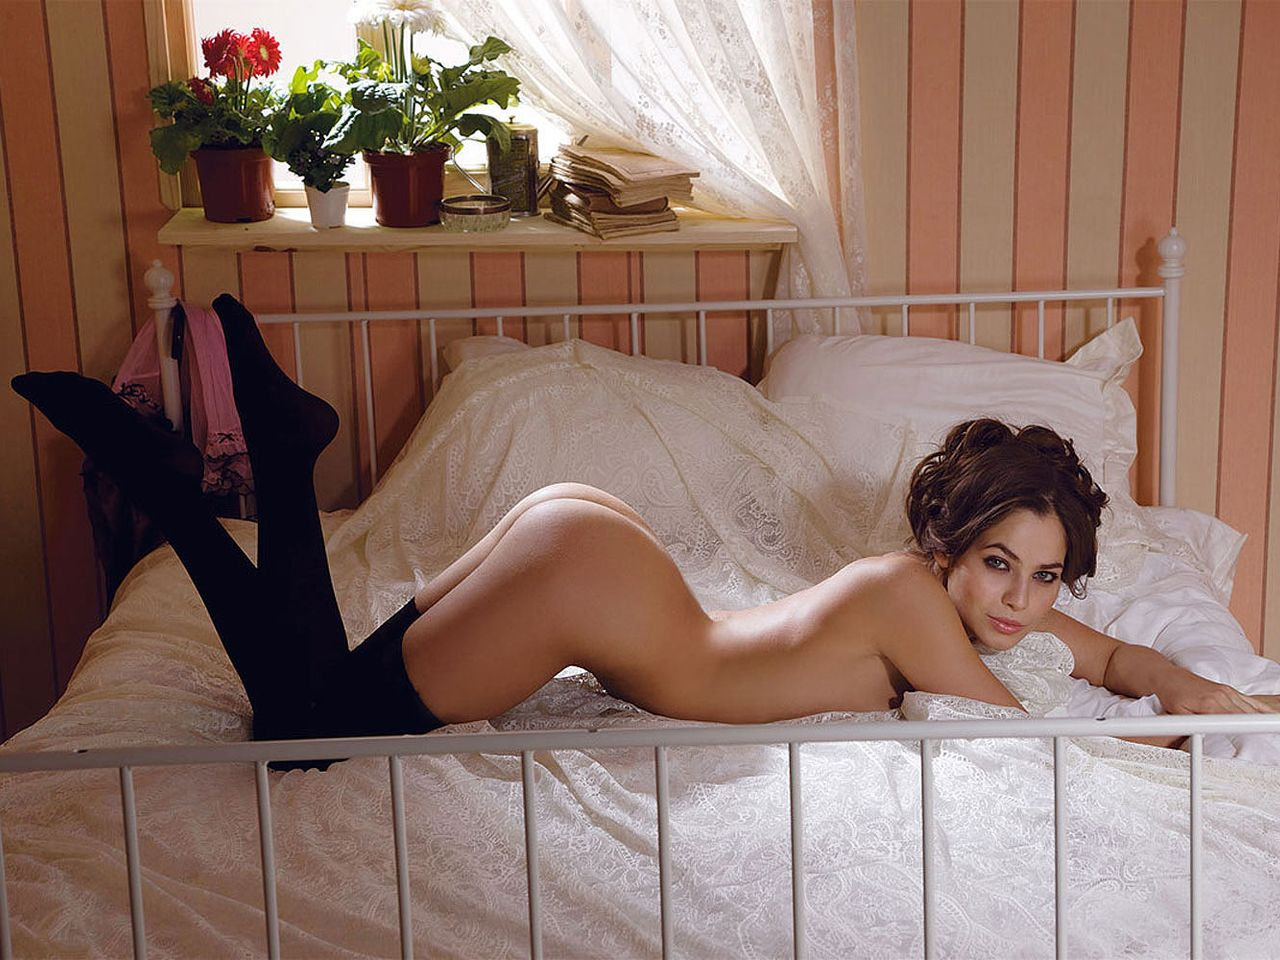 Эро фото юлии михалковой, порно видео секретарша кунилингус скрытая камера